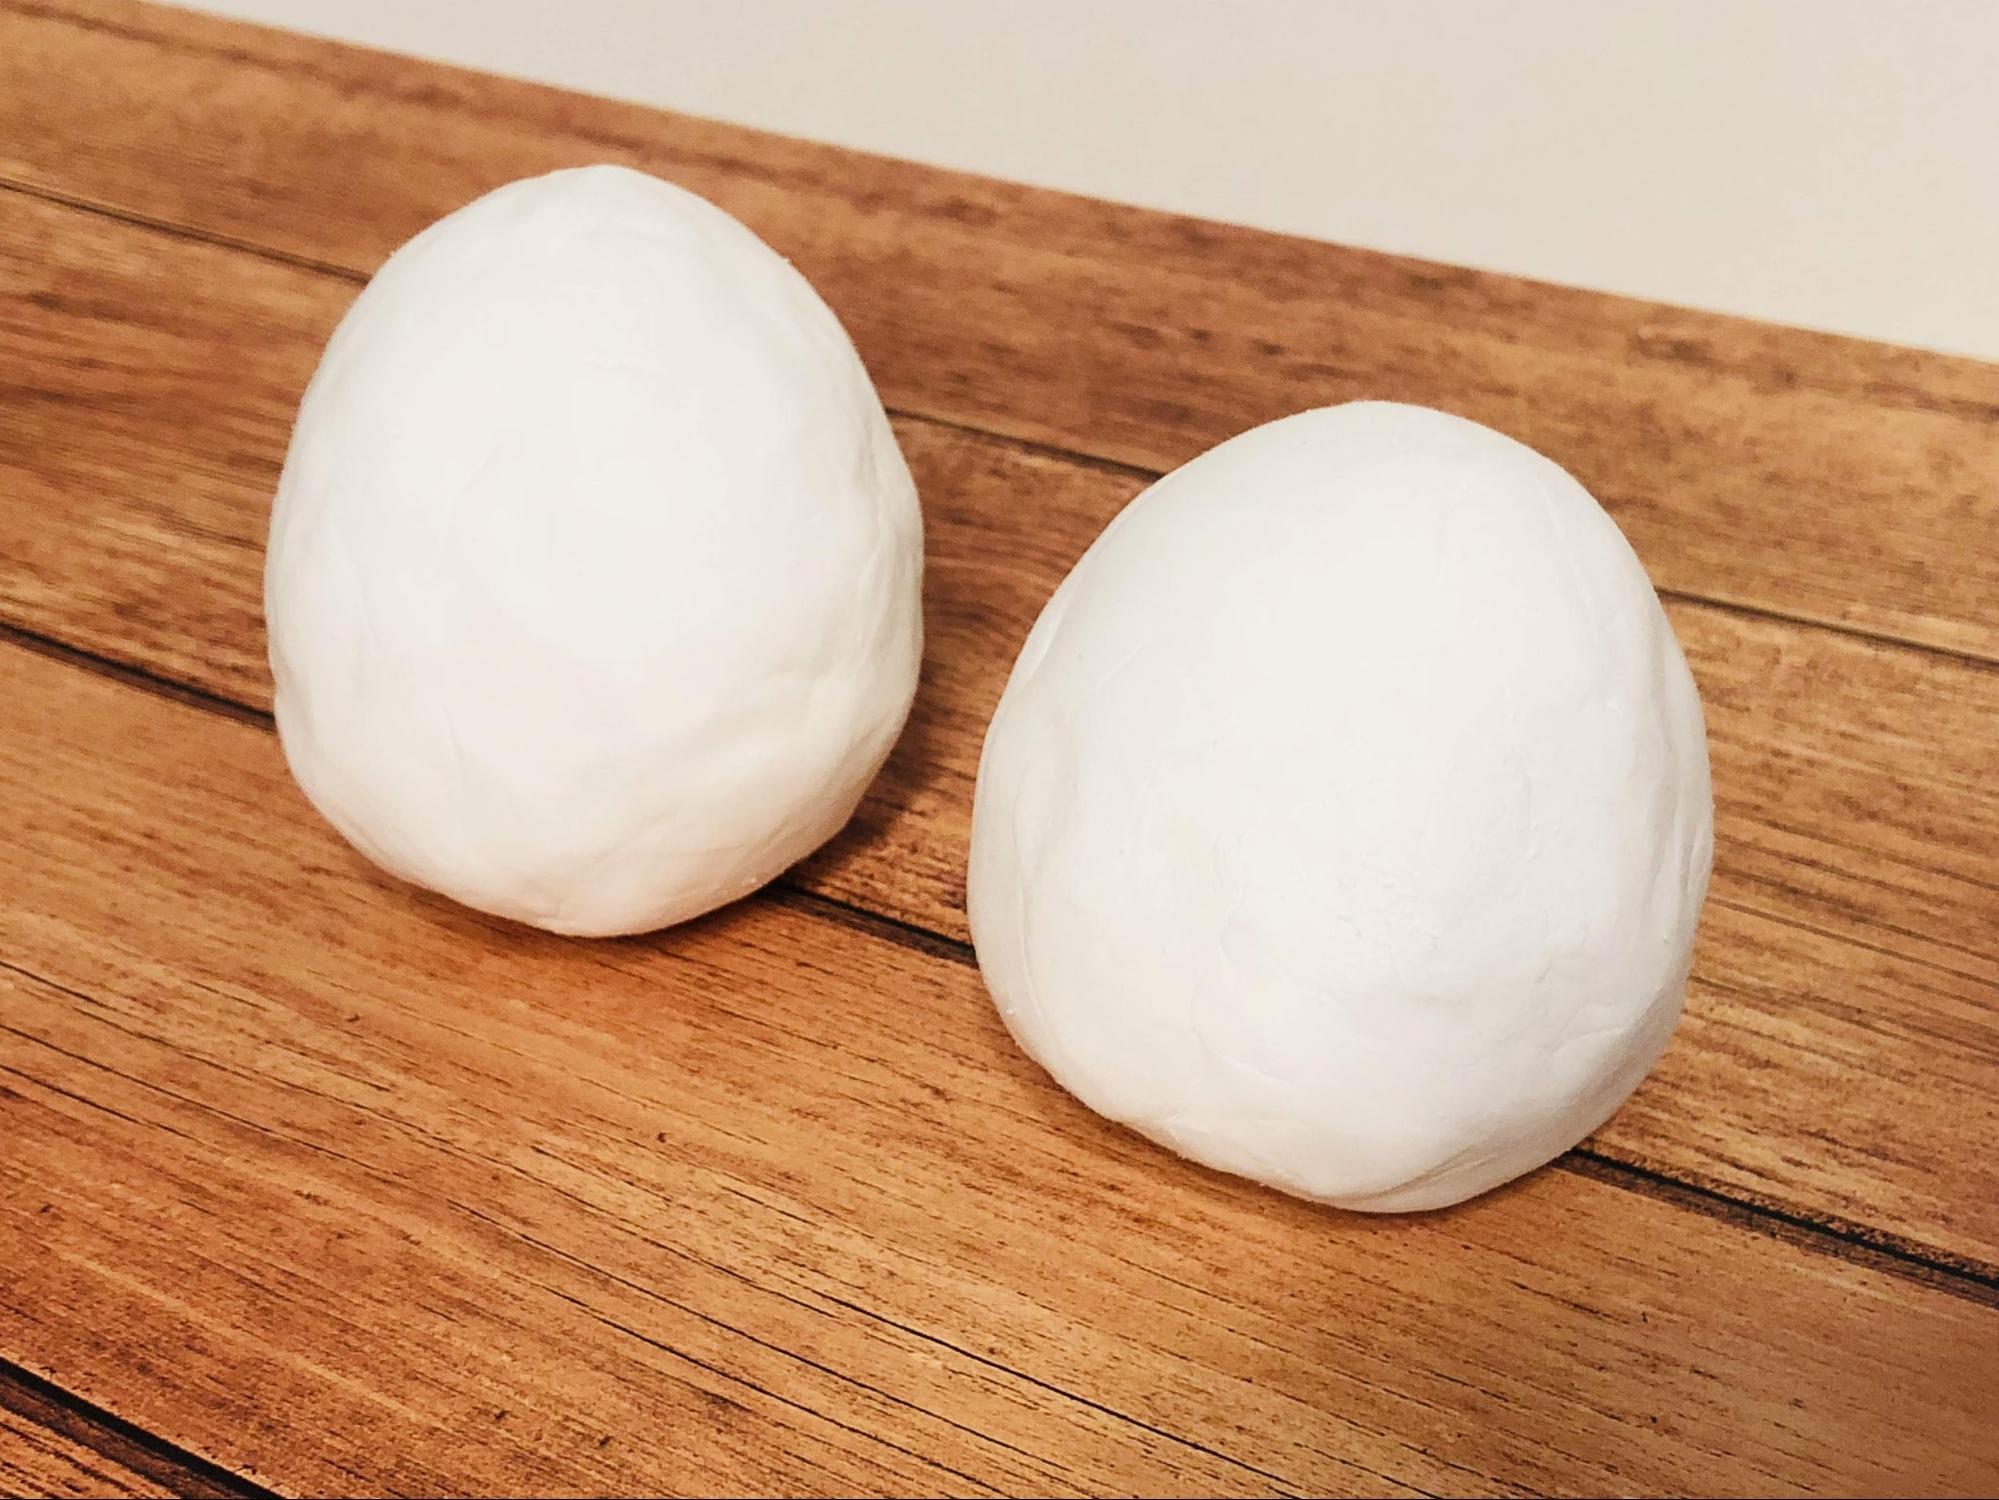 紙粘土を2つのかたまりに分けて、それぞれ卵型に丸めて乾かします。